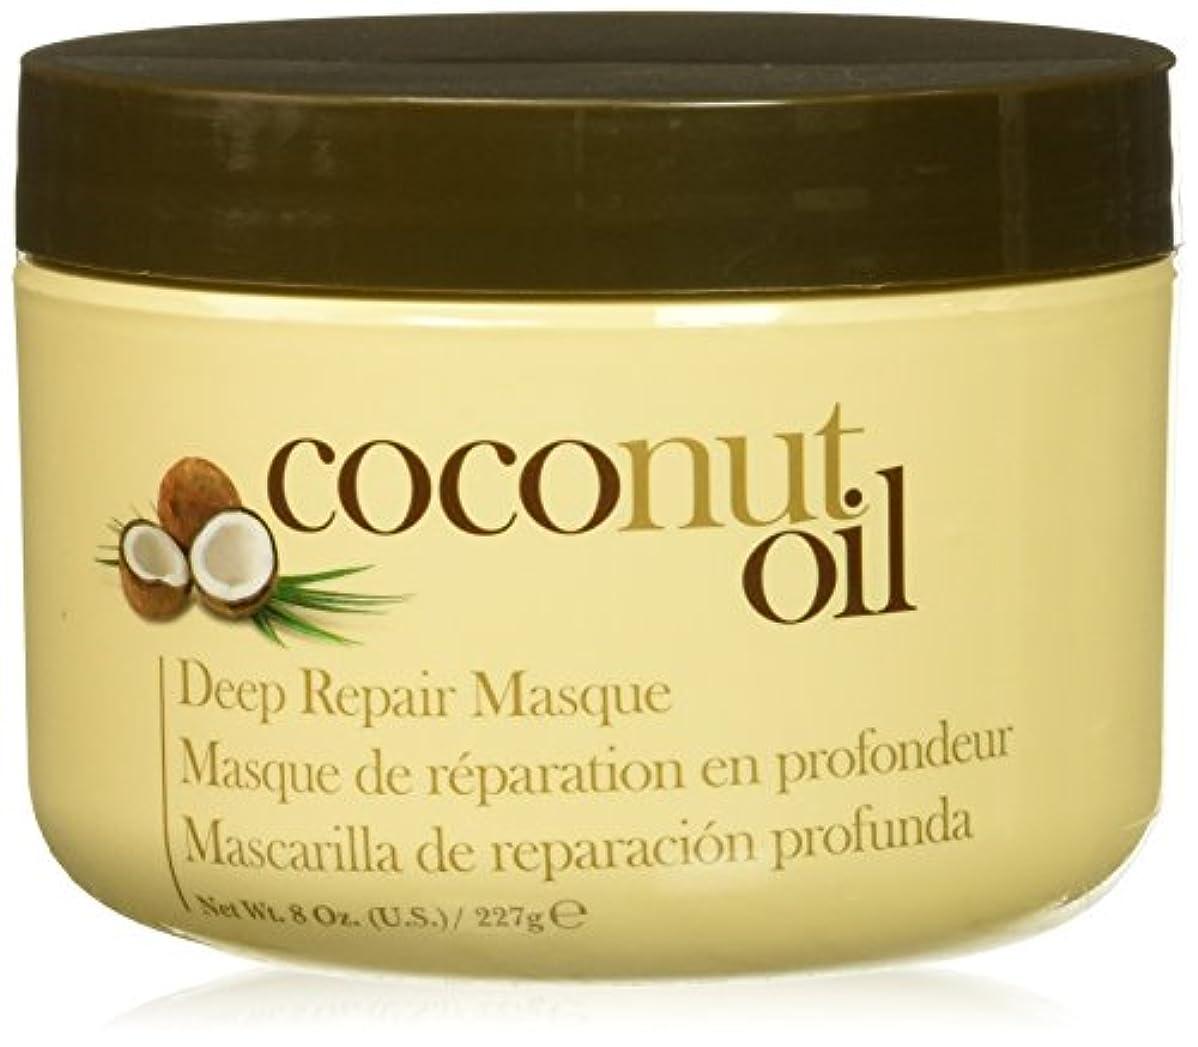 ボウル月面気候の山Hair Chemist ヘアマスク ココナッツ オイル ディープリペアマスク 227g Coconut Oil Deep Repair Mask 1474 New York